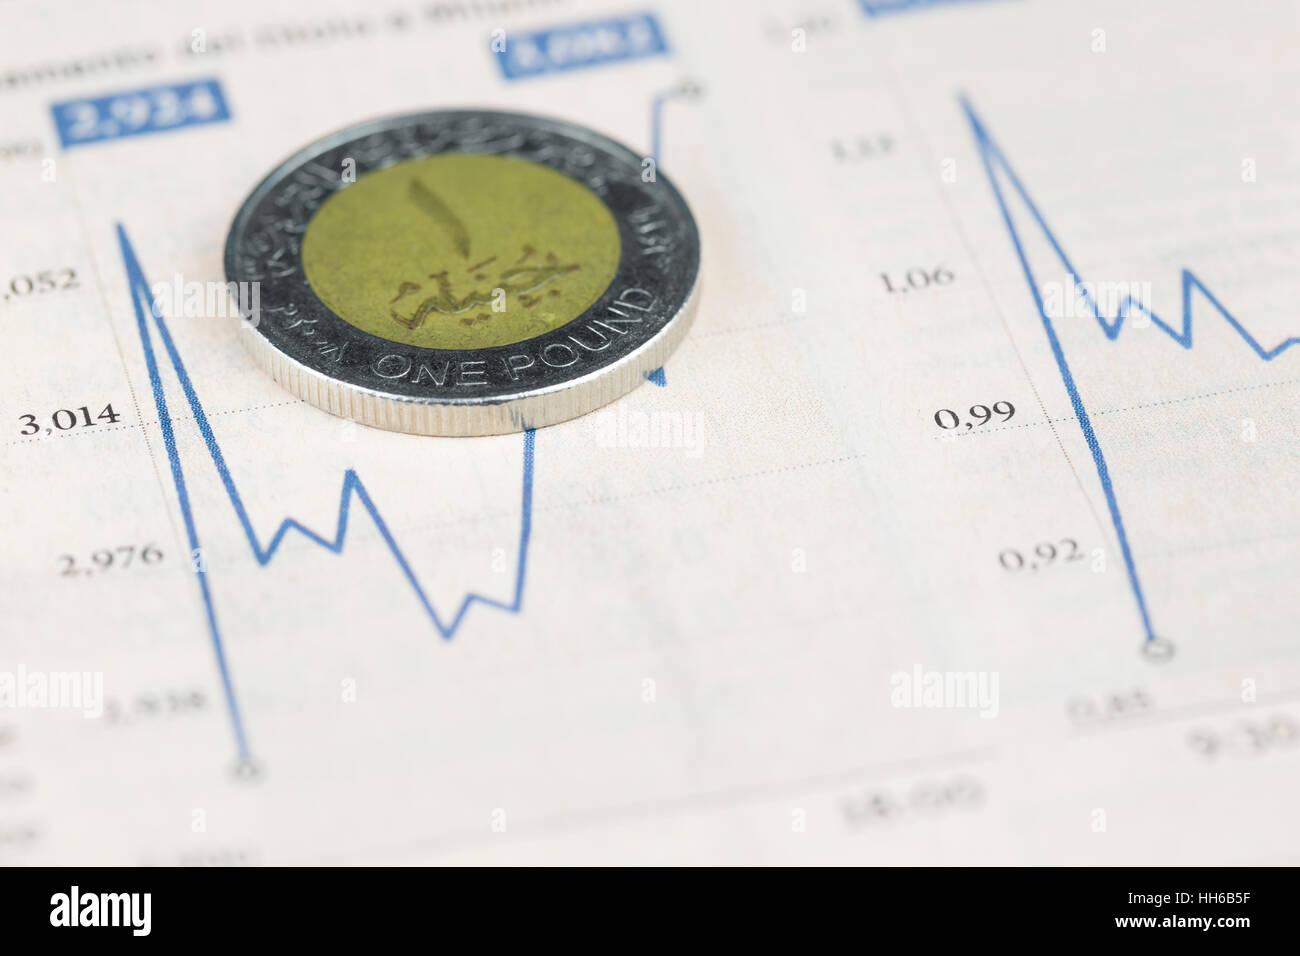 Une Piece De Monnaie Livre Egyptienne Sur L Information